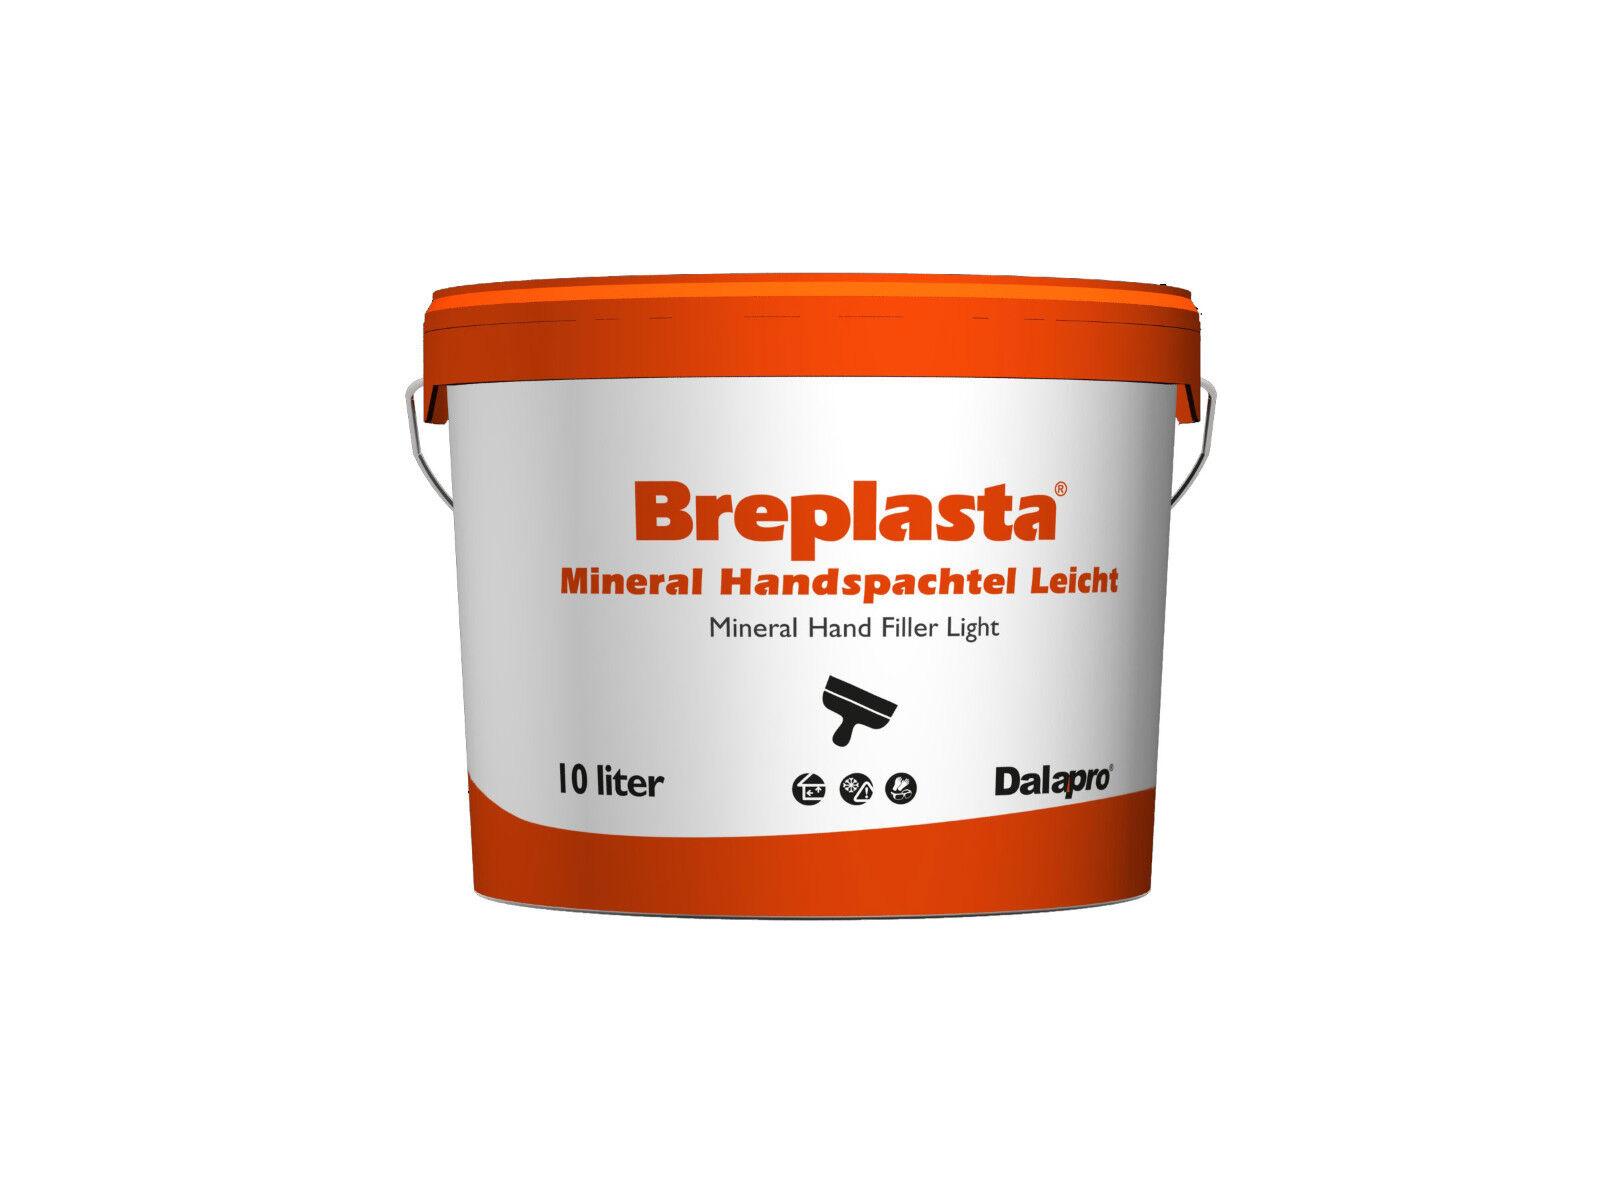 8x Scandipaint BREPLASTA Handspachtel Leicht 10 Liter - mineralisch, feinkörnig